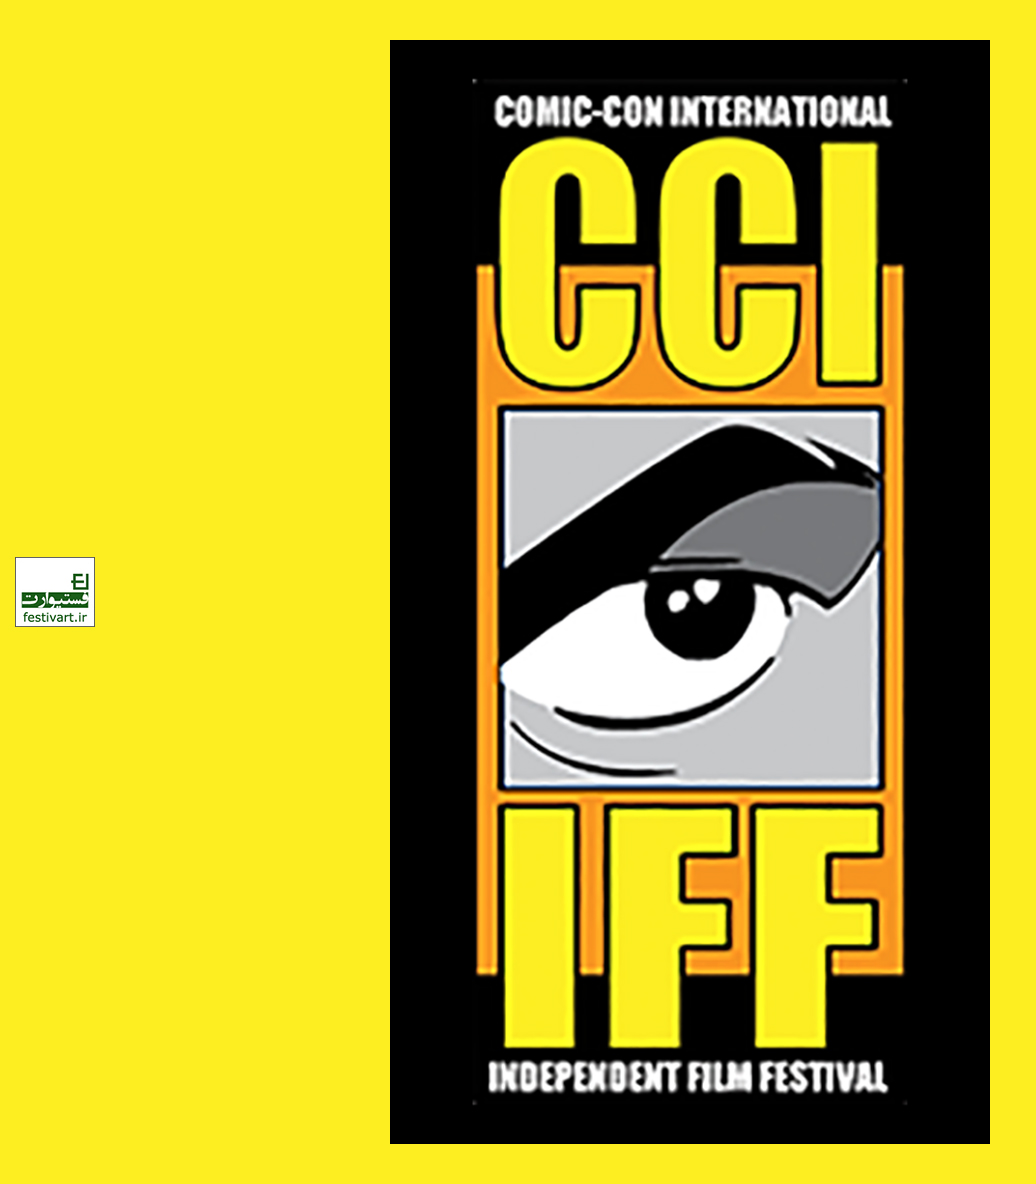 فراخوان بین المللی مستقل فیلم Comic-Con سال ۲۰۱۸